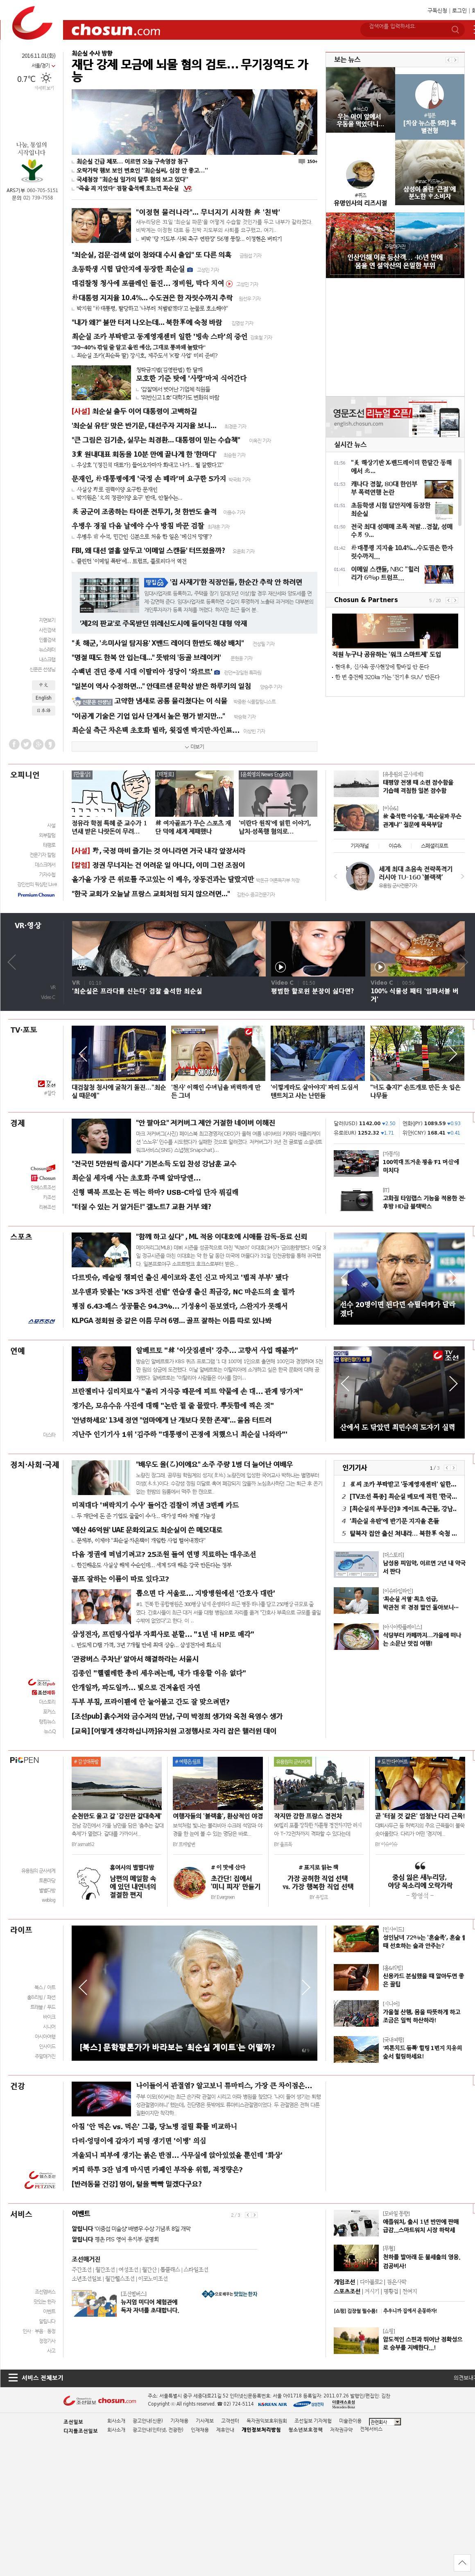 chosun.com at Tuesday Nov. 1, 2016, 2:02 a.m. UTC